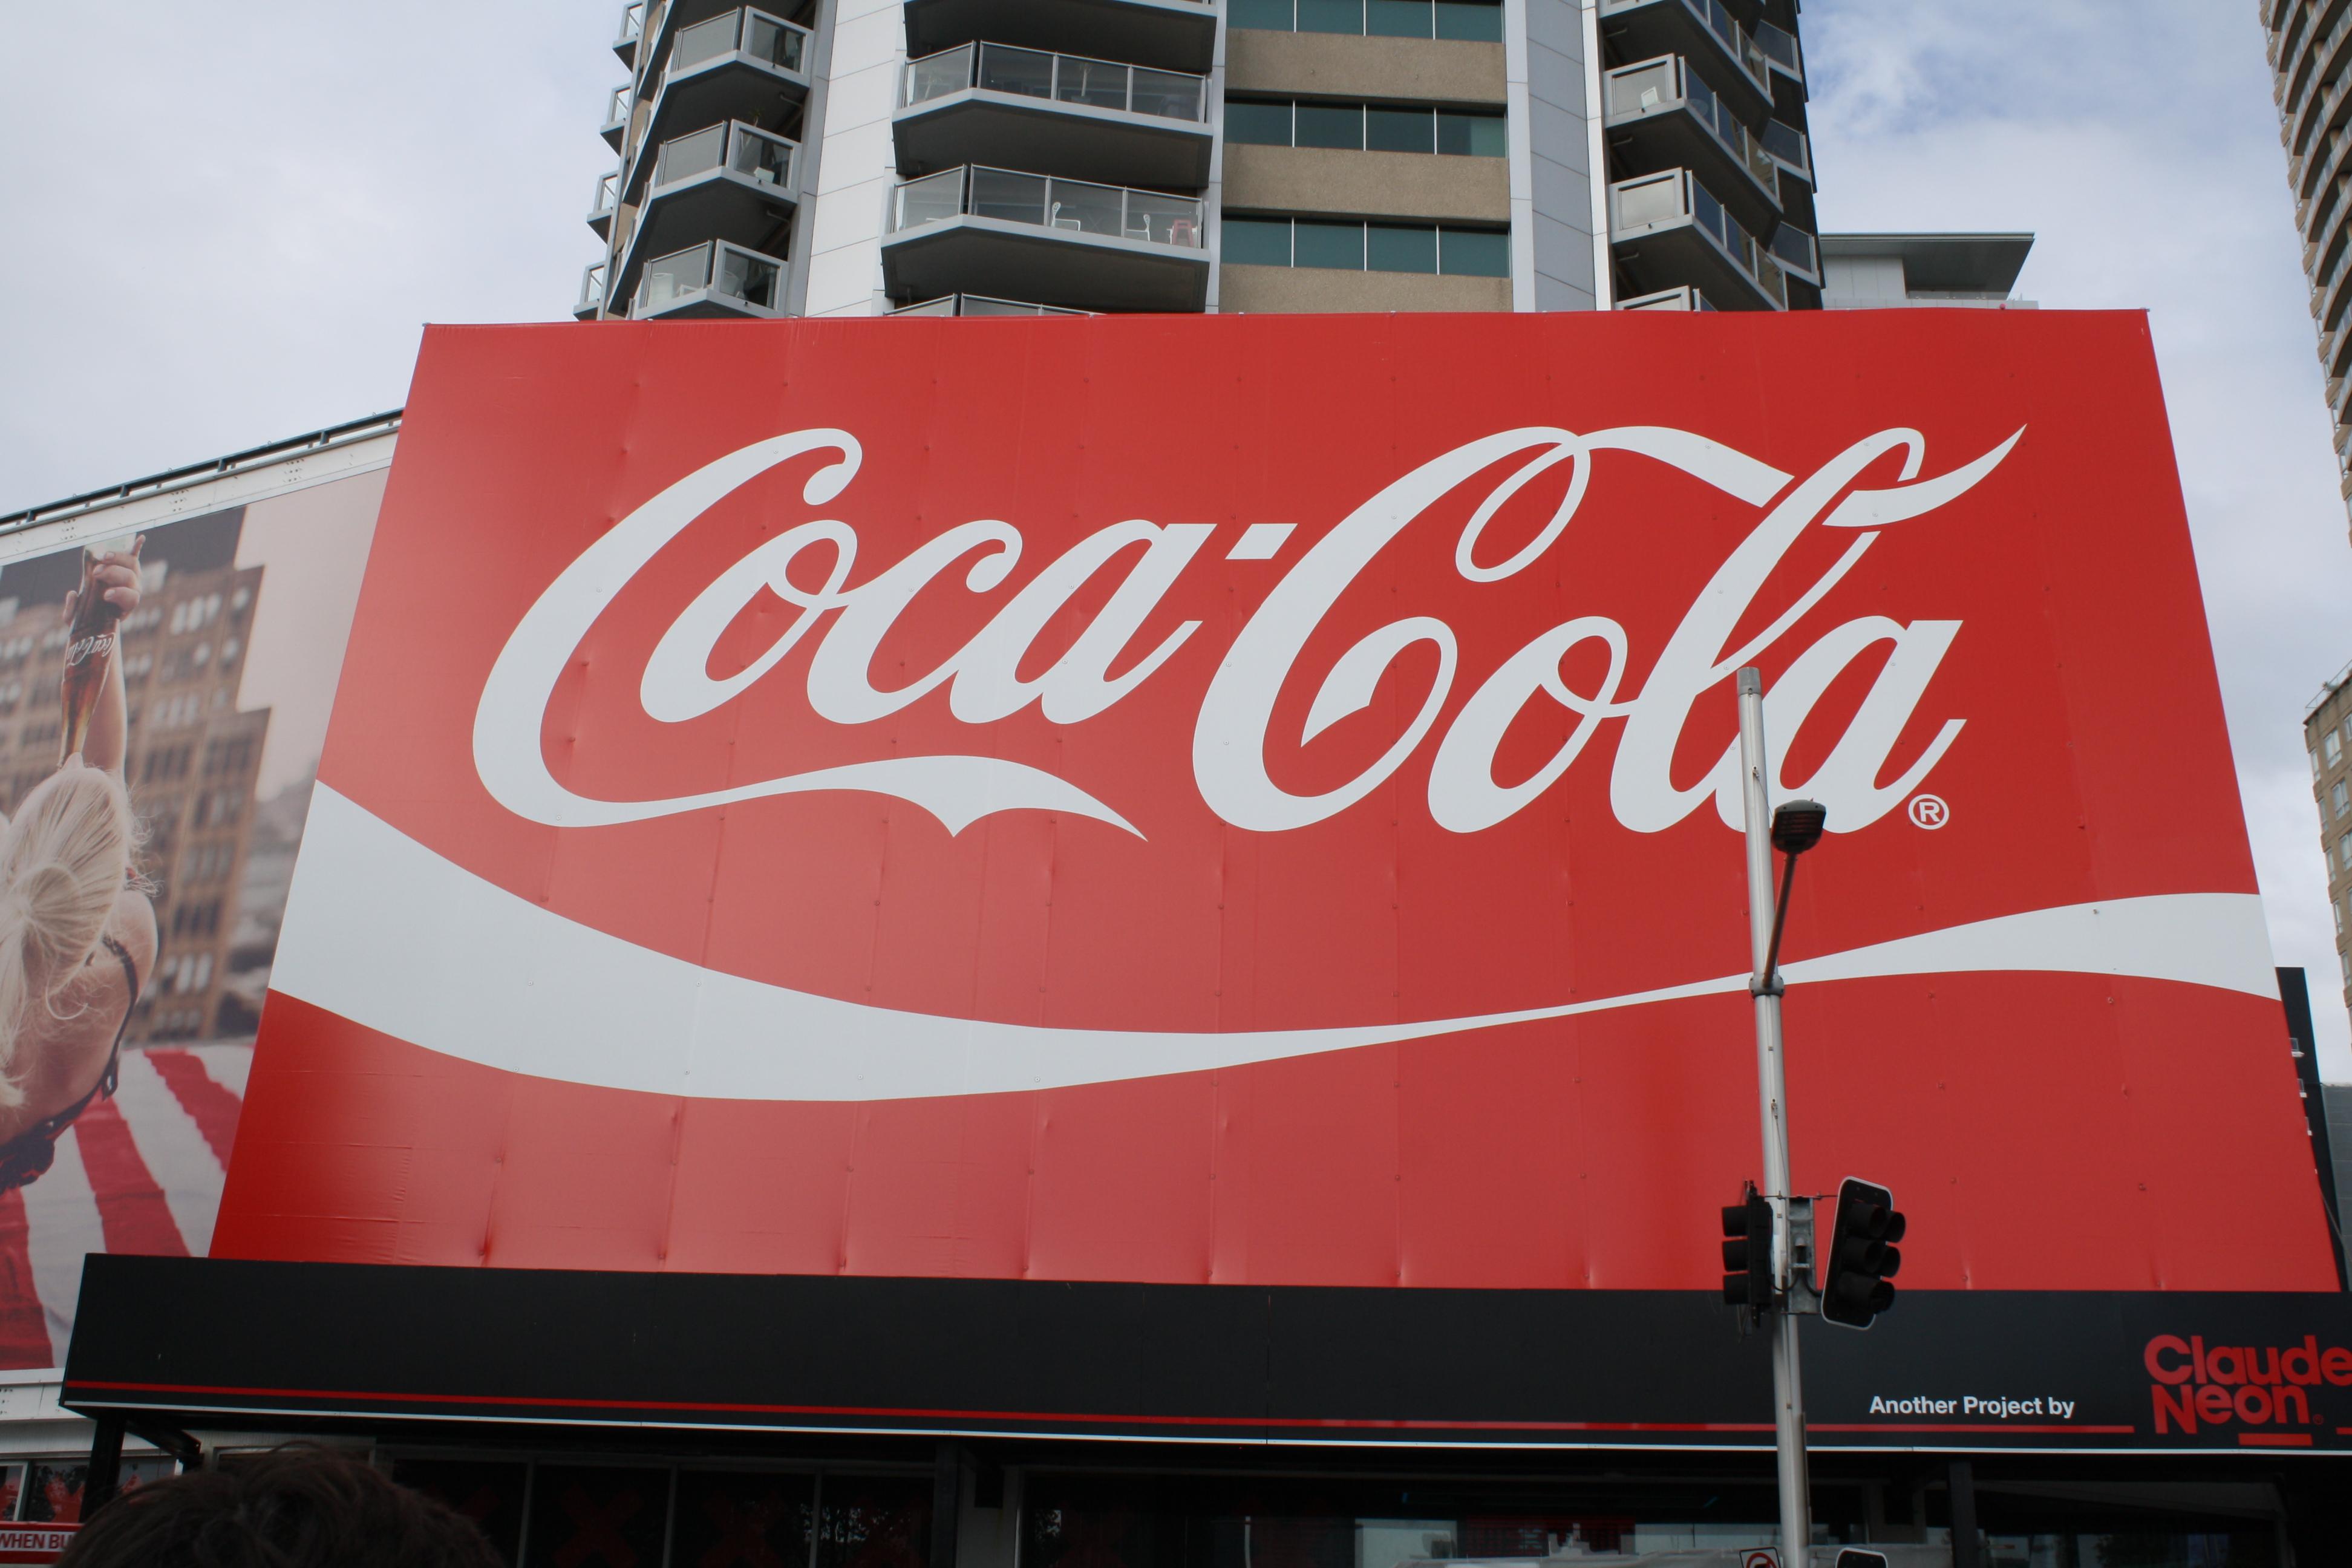 Das größte Coca-Cola Schild der Welt